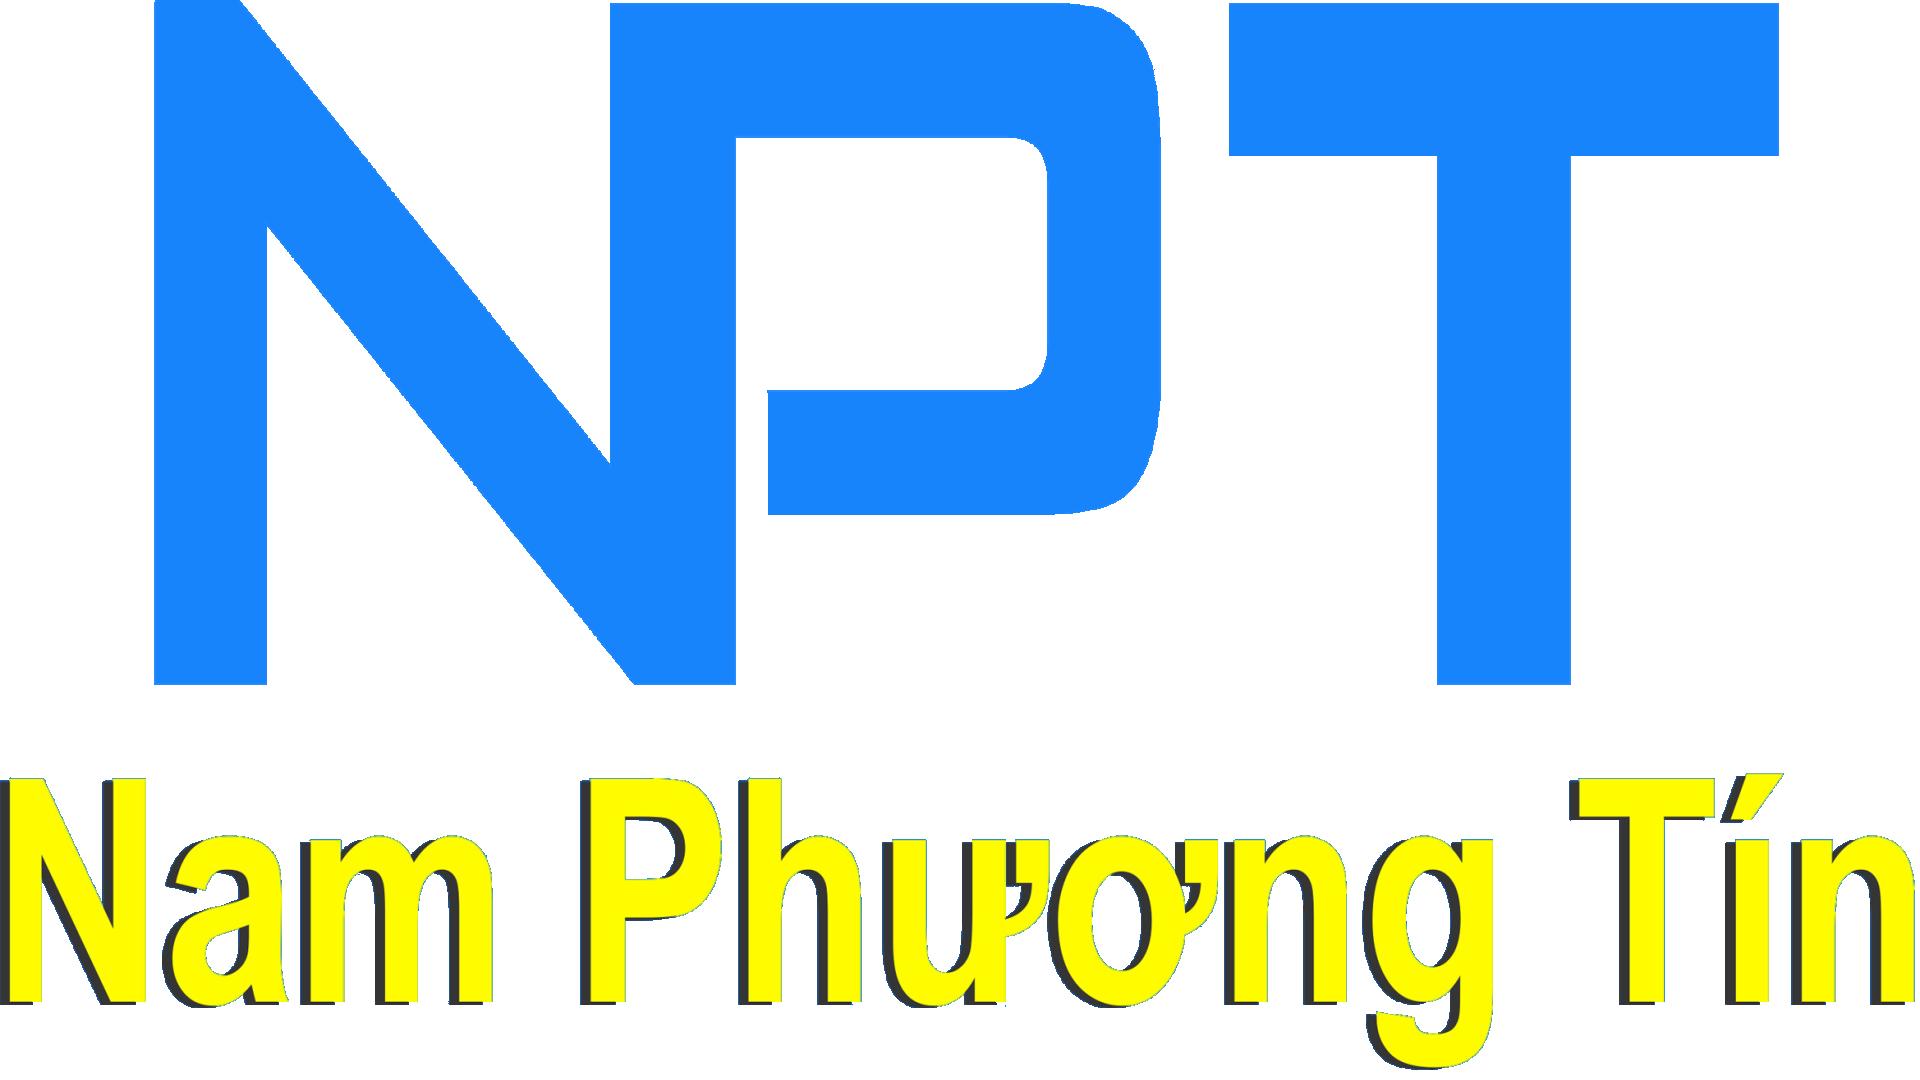 Nam Phương Tín